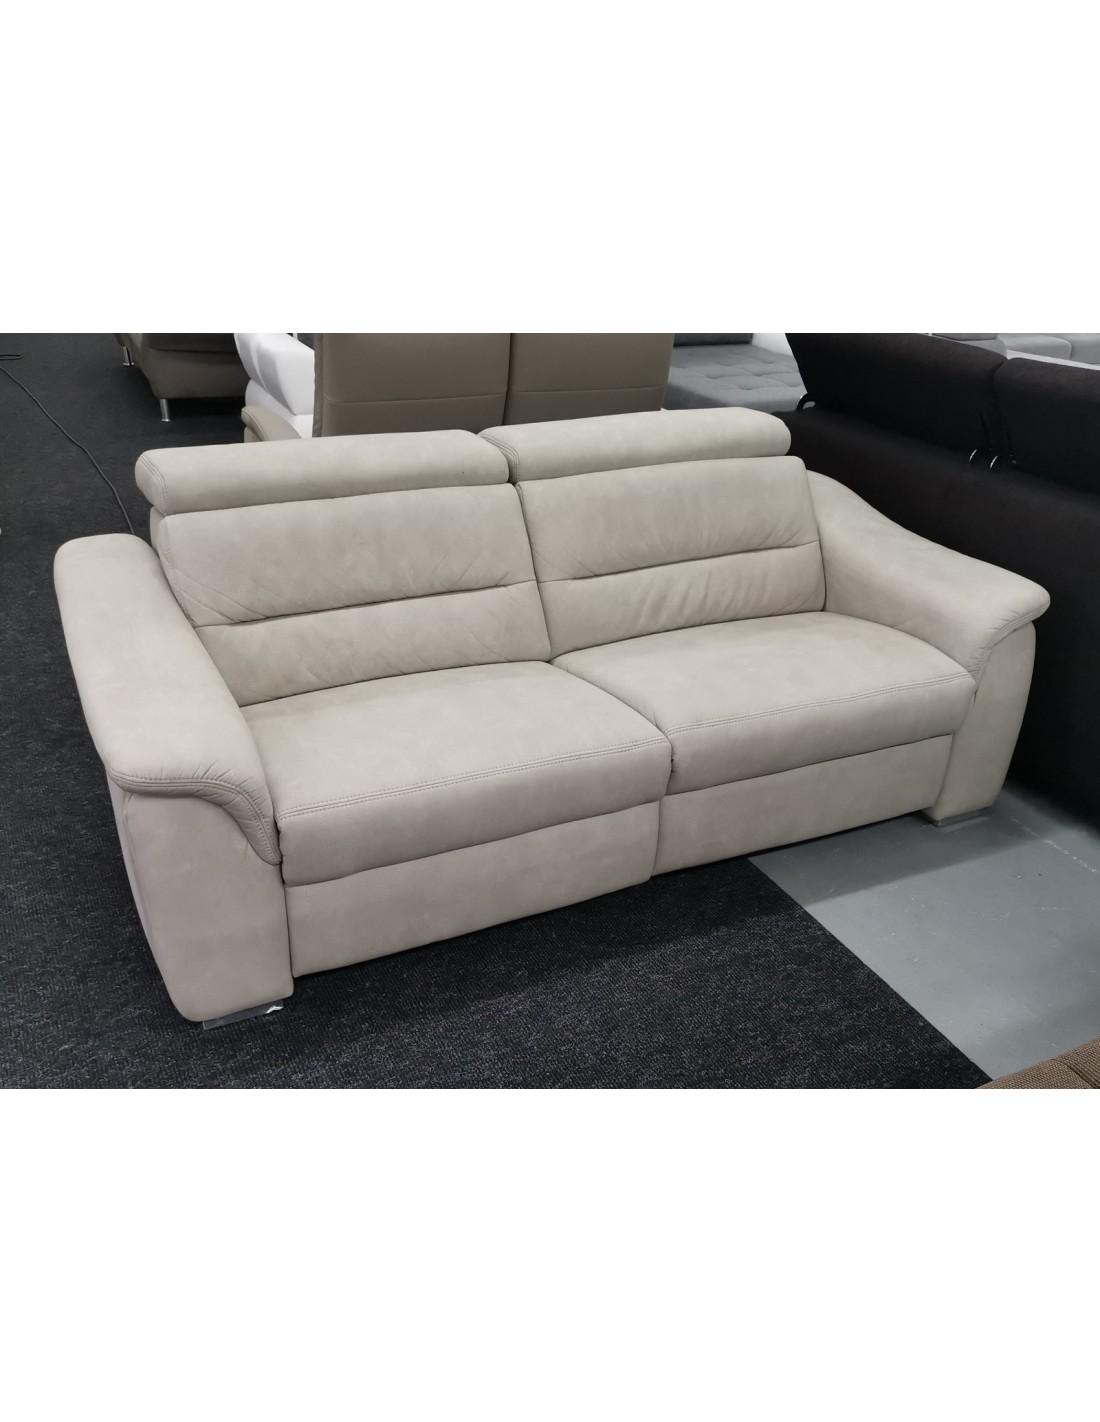 Full Size of Sofa Elektrische Relaxfunktion Couch Elektrisch Geladen Was Tun Mit Elektrischer Sitztiefenverstellung Durch Aufgeladen Ist Statisch Aufgeladen Was Ausfahrbar Sofa Sofa Elektrisch